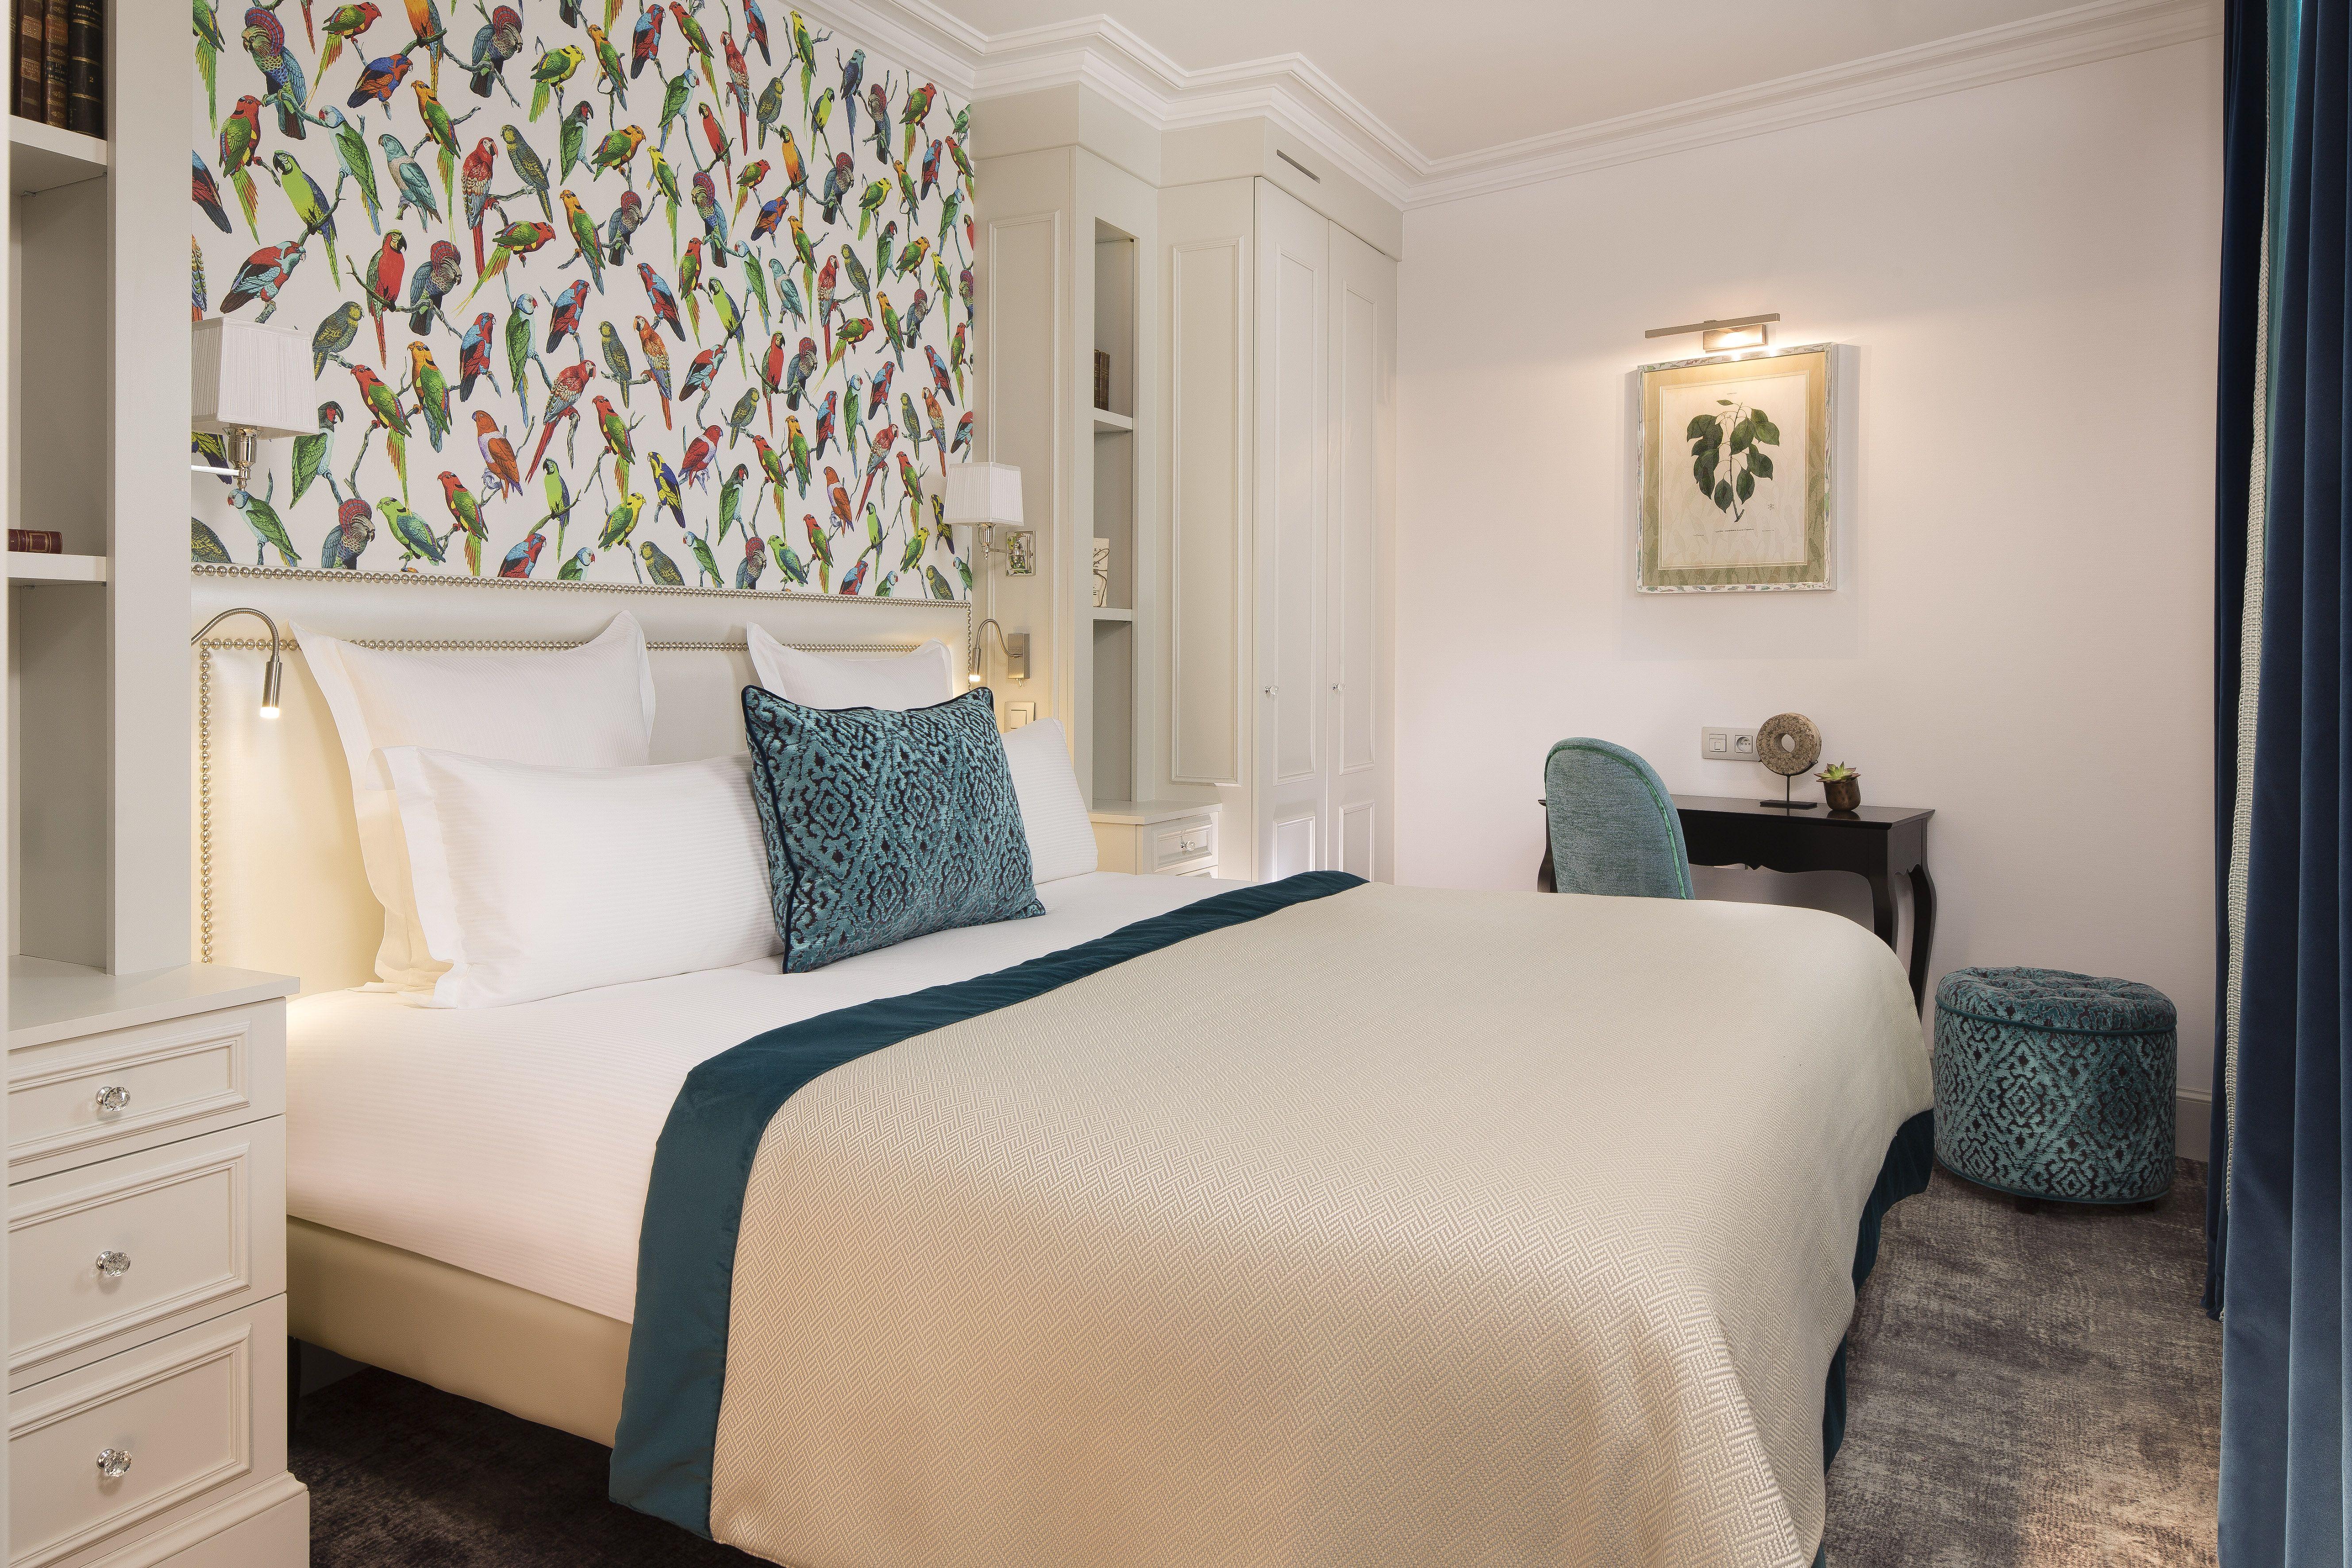 max hotel paris les chambres boutique hotels paris pinterest